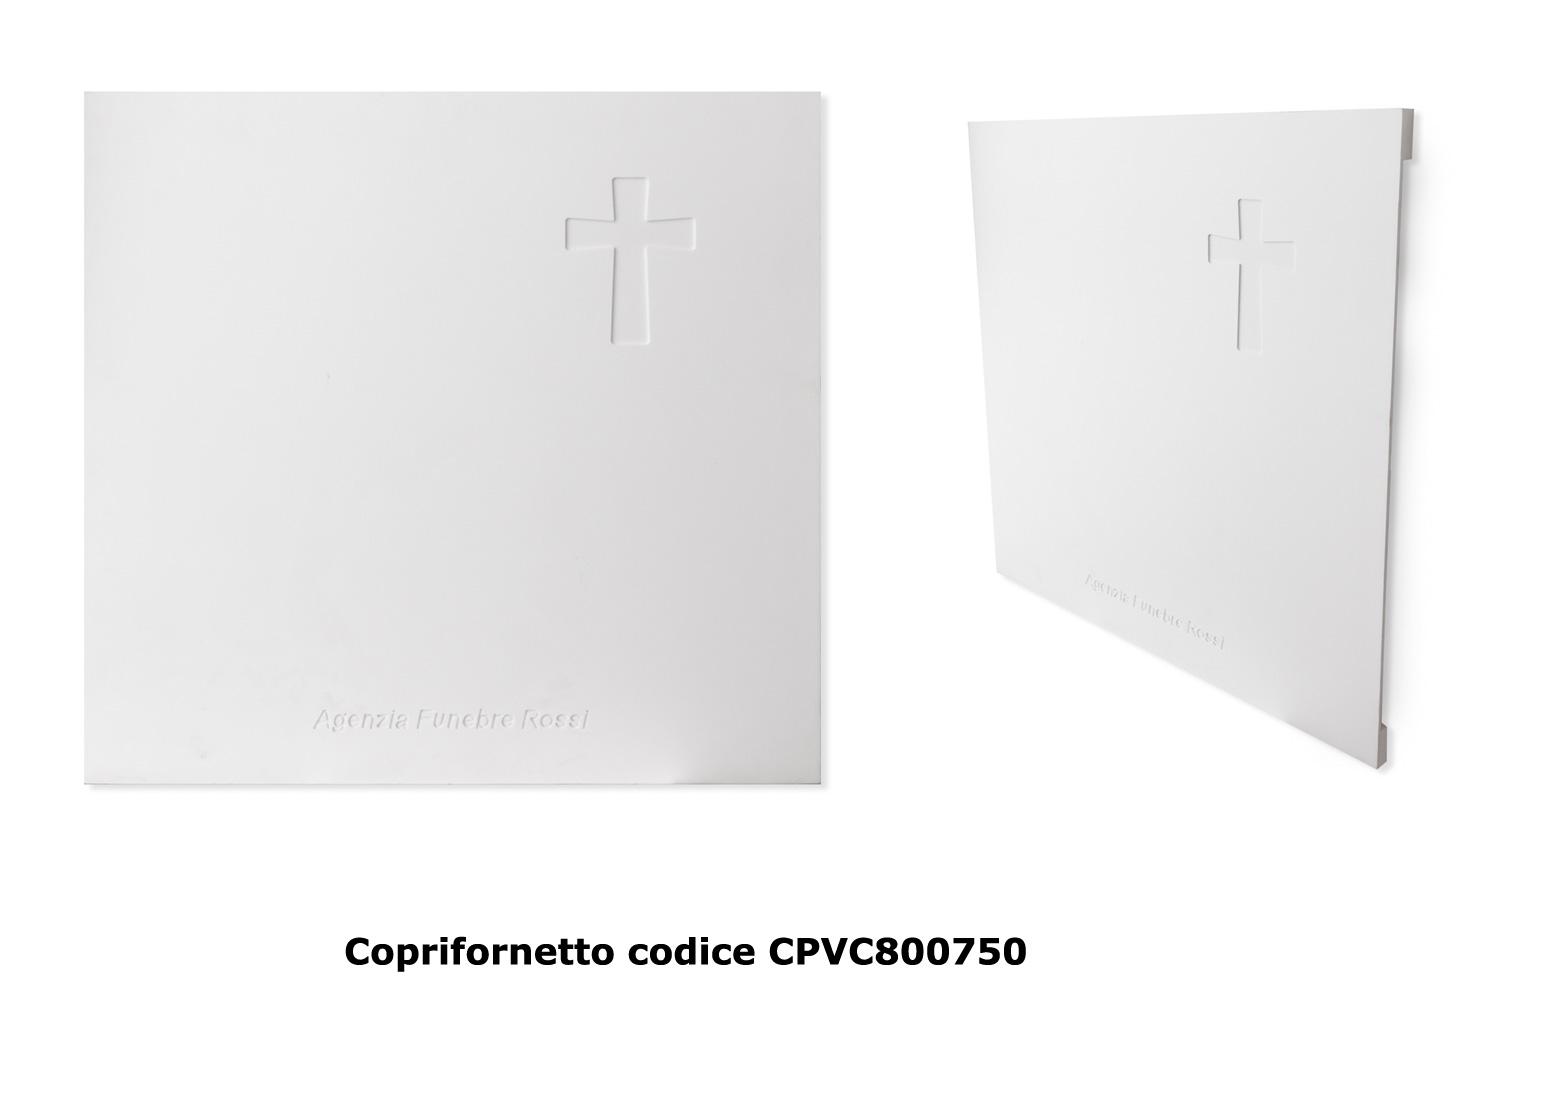 CPVC800750